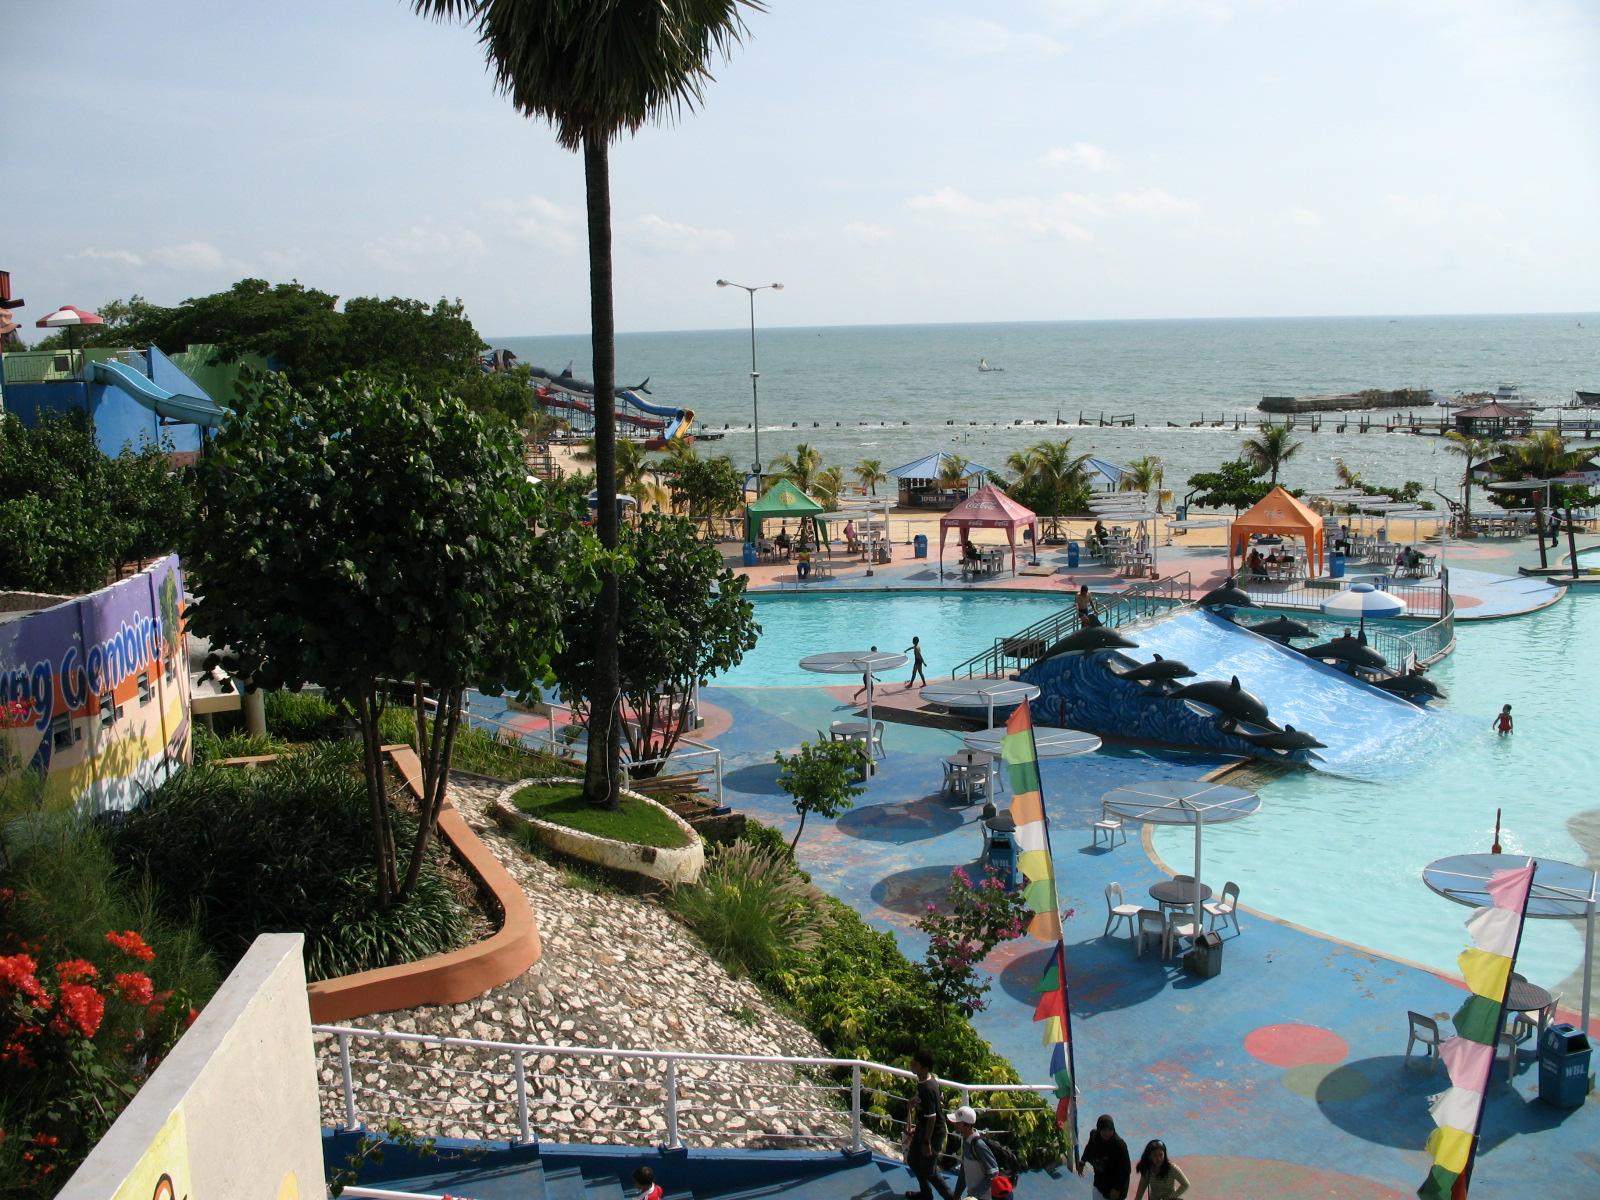 wisata bahari lamongan di lamongan, www.outboundindonesia.com, 085 755 059 965